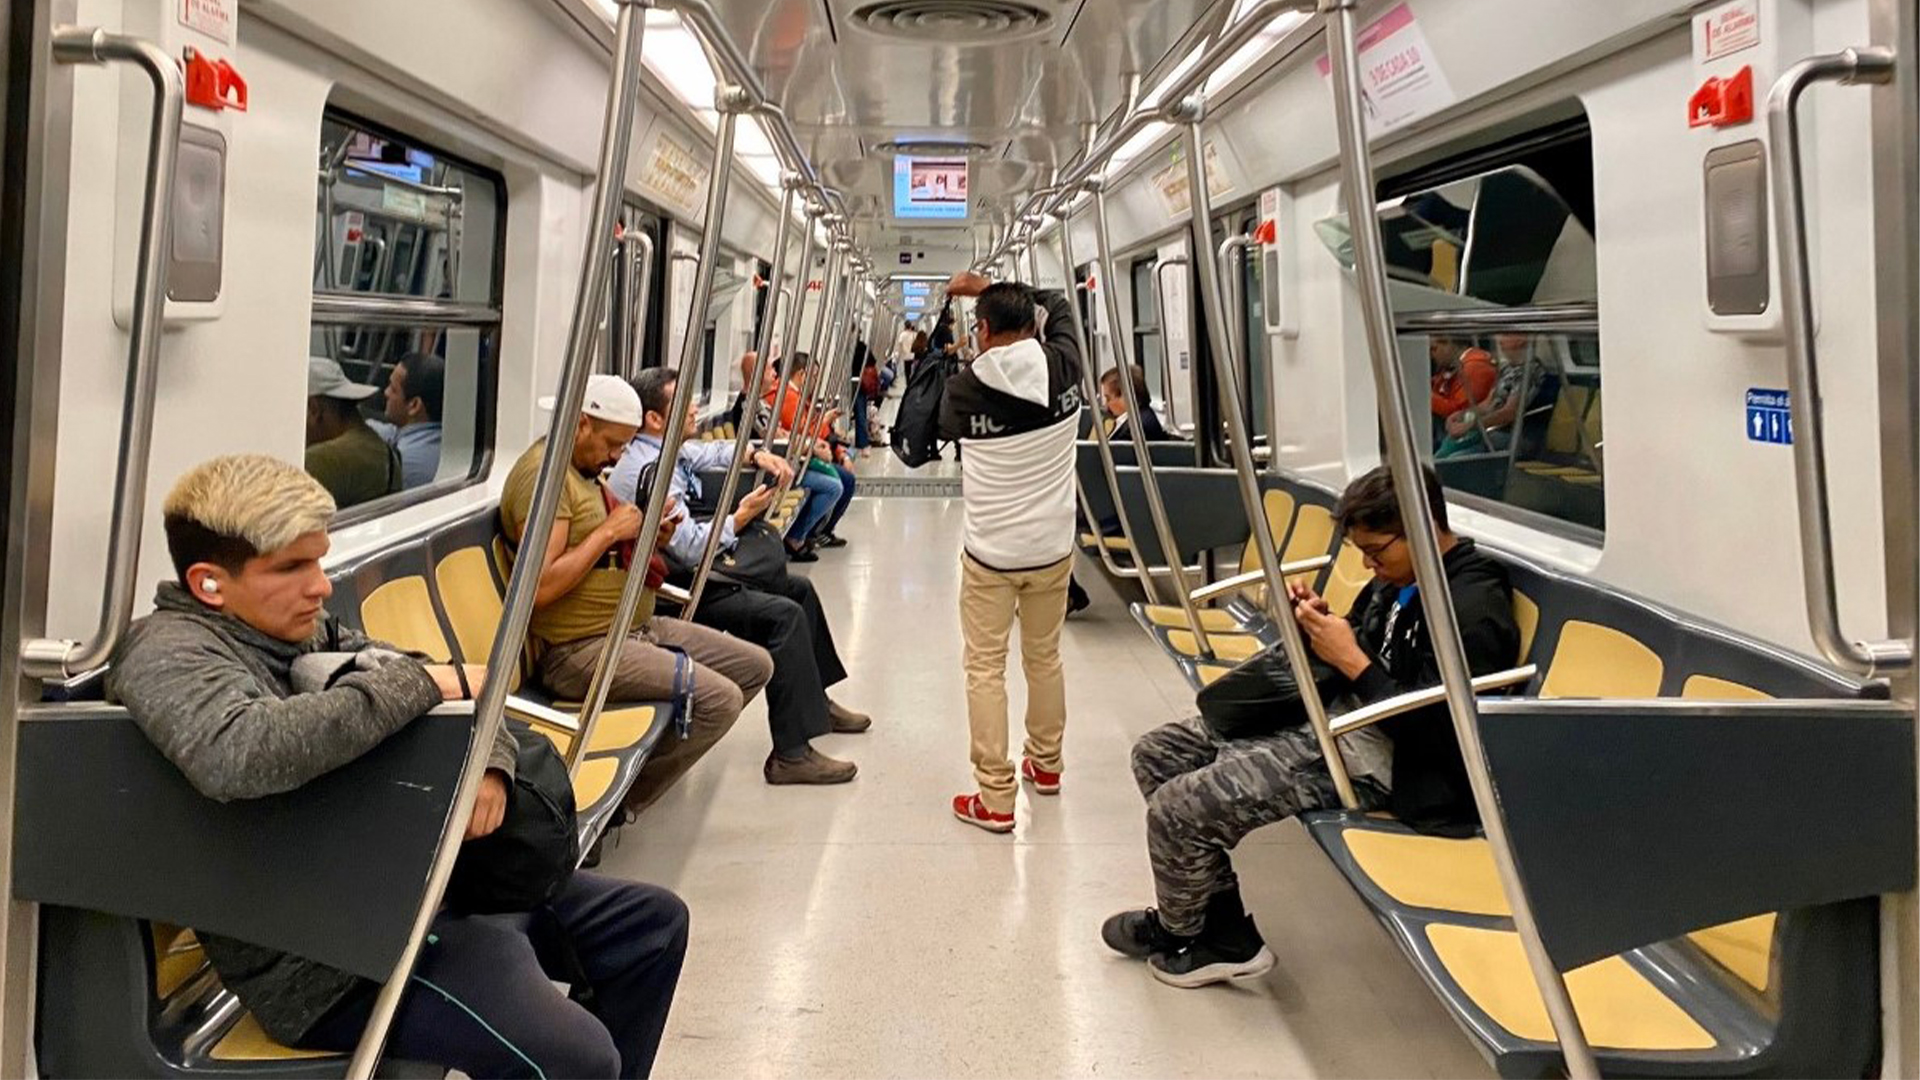 Dentro de los vagones del metro también se notó la ausencia de las mujeres (Foto: Twitter@serraldino)